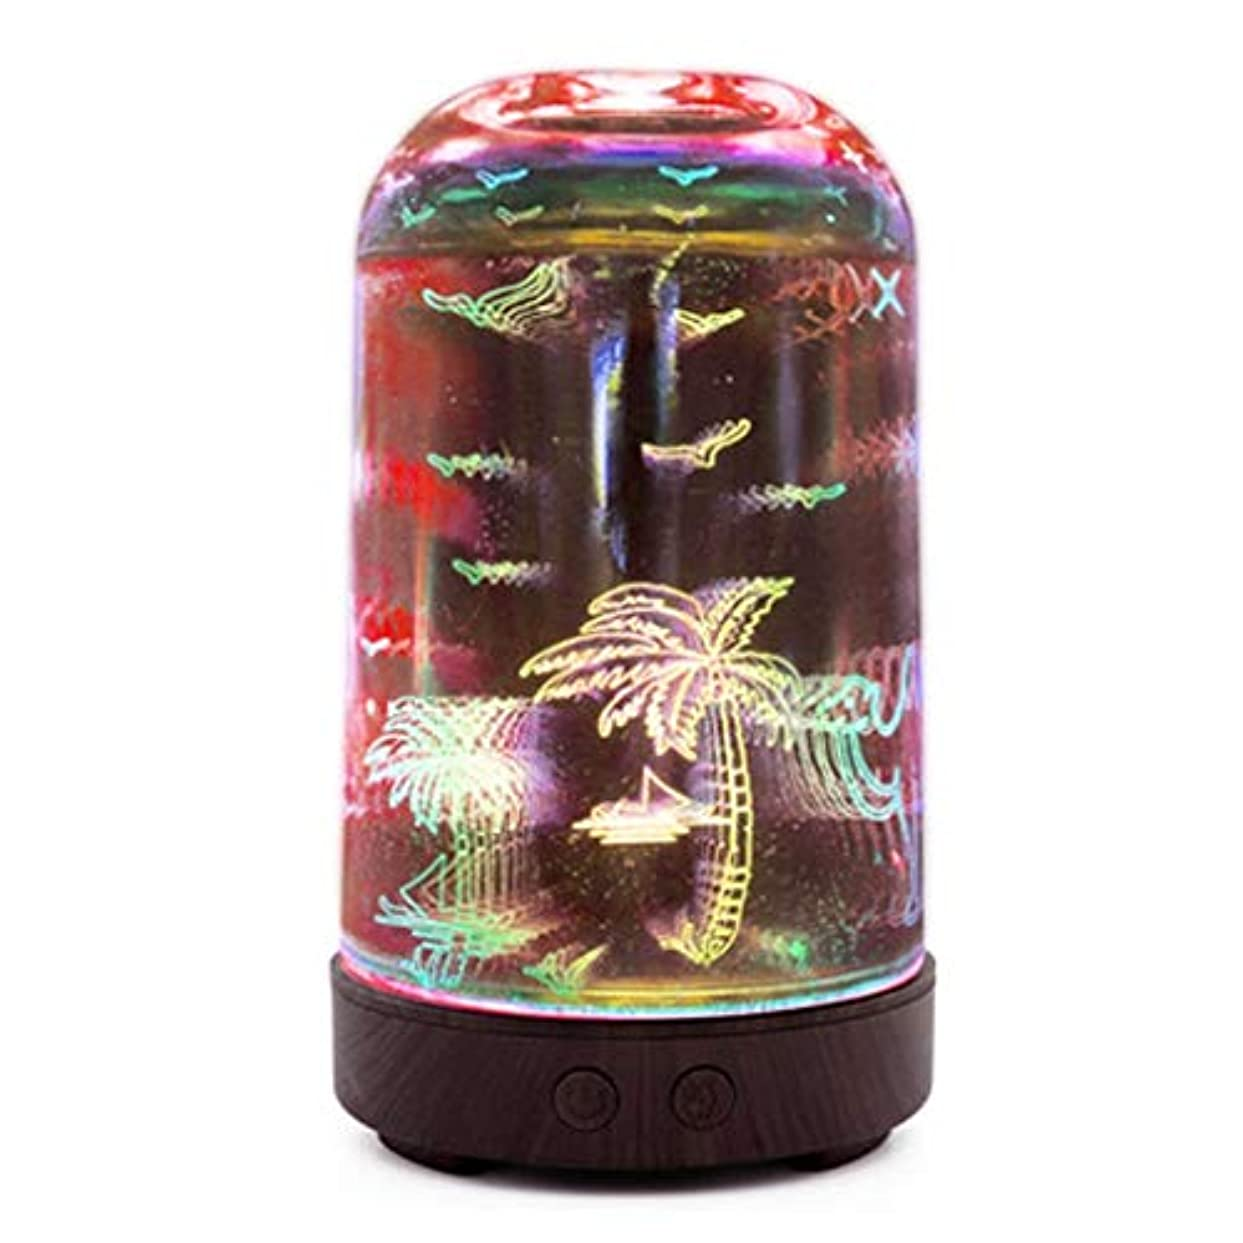 スケルトン評決頑固なすばらしいLEDライト、便利な自動操業停止および大きい水漕が付いている3Dガラス100mlギャラクシー優れた超音波加湿器 (Color : Coconut tree)